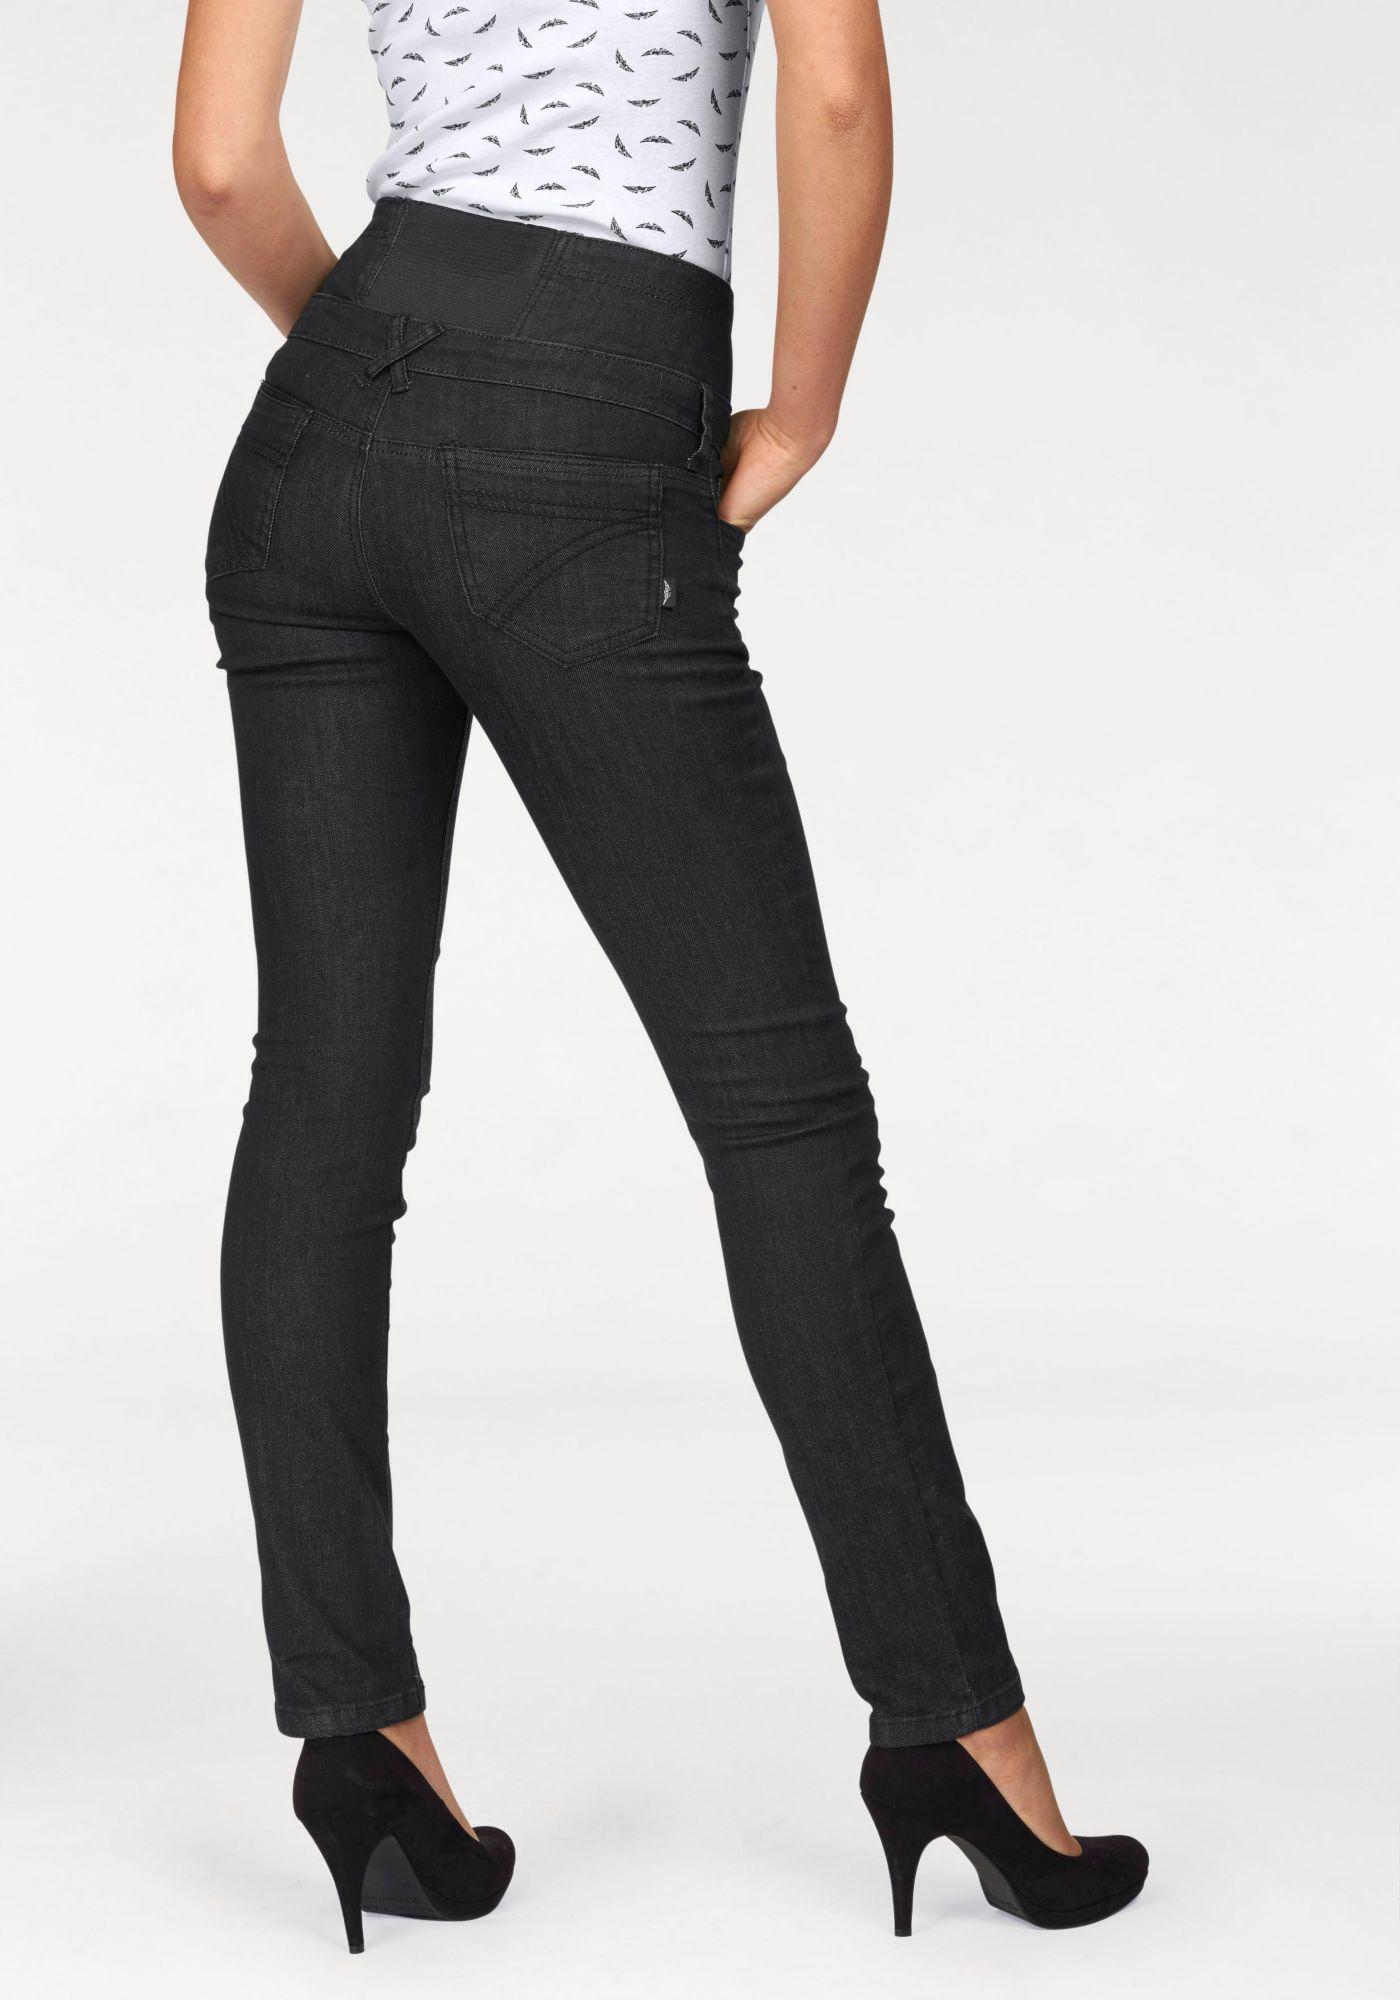 ARIZONA Arizona Comfort-fit-Jeans »mit elastischem Einsatz im Bund und sichtbarem Knopfverschluß«